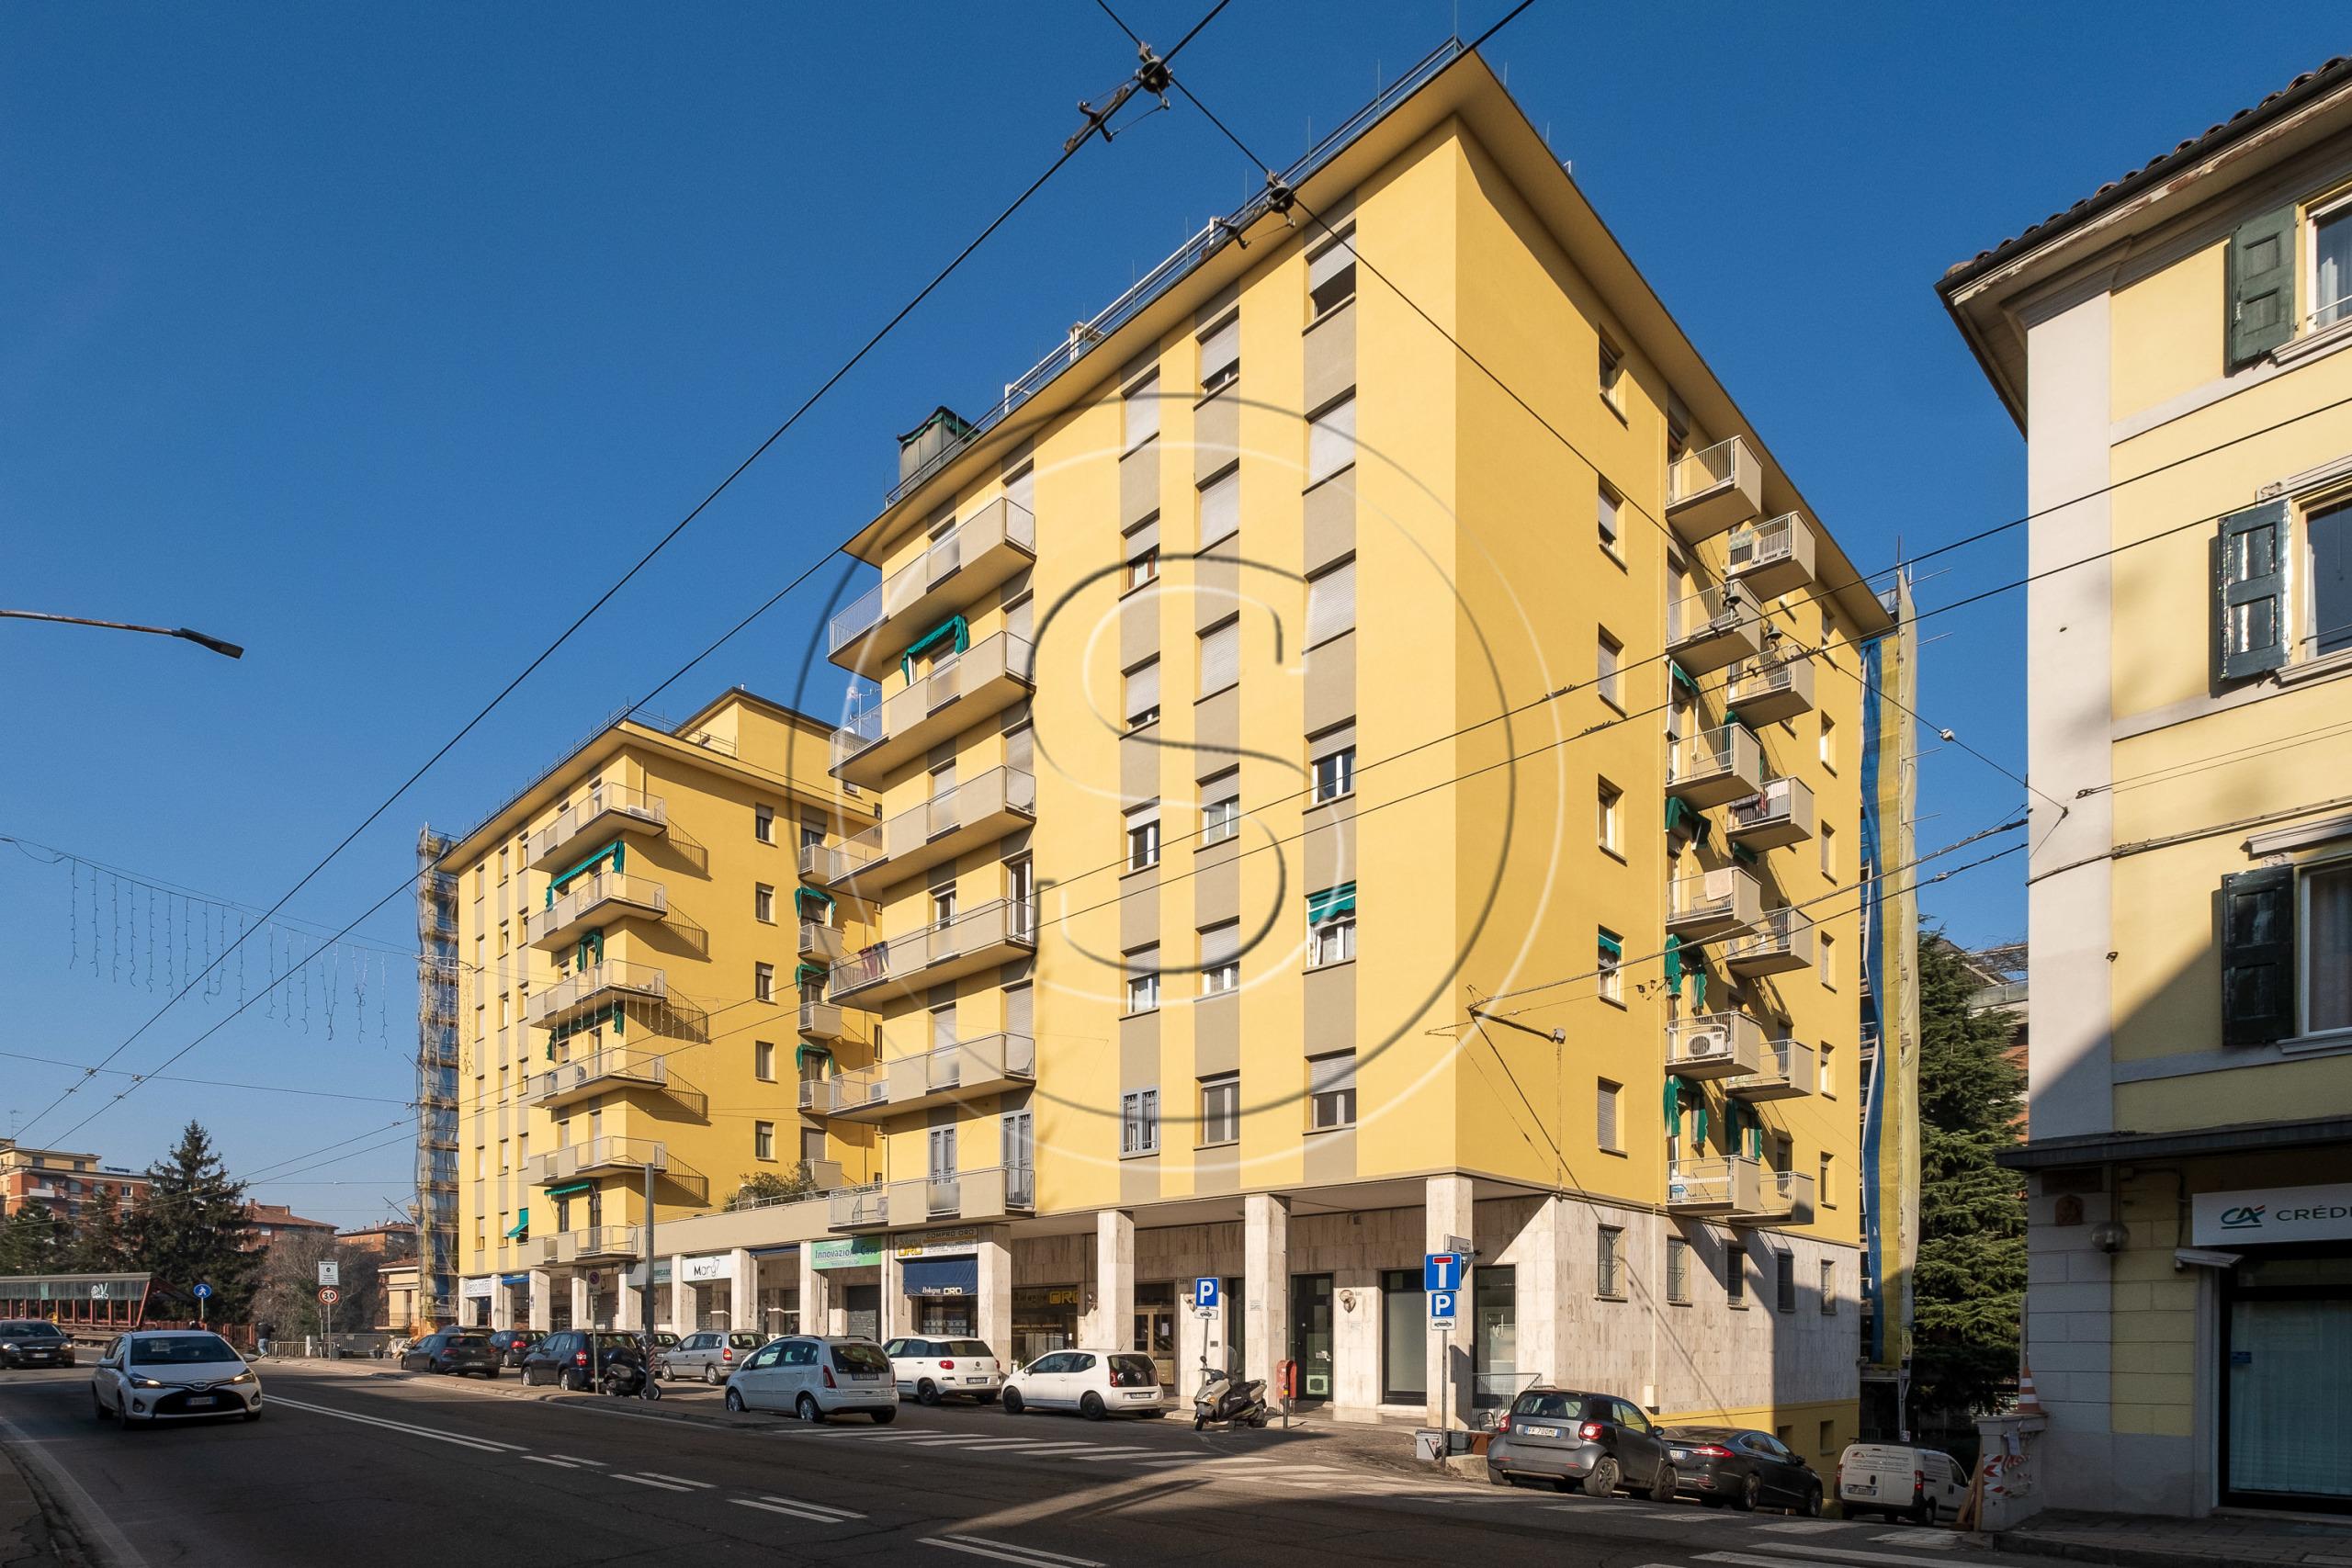 Gabetti Mazzini Casalecchio Via Porrettana-28.jpg